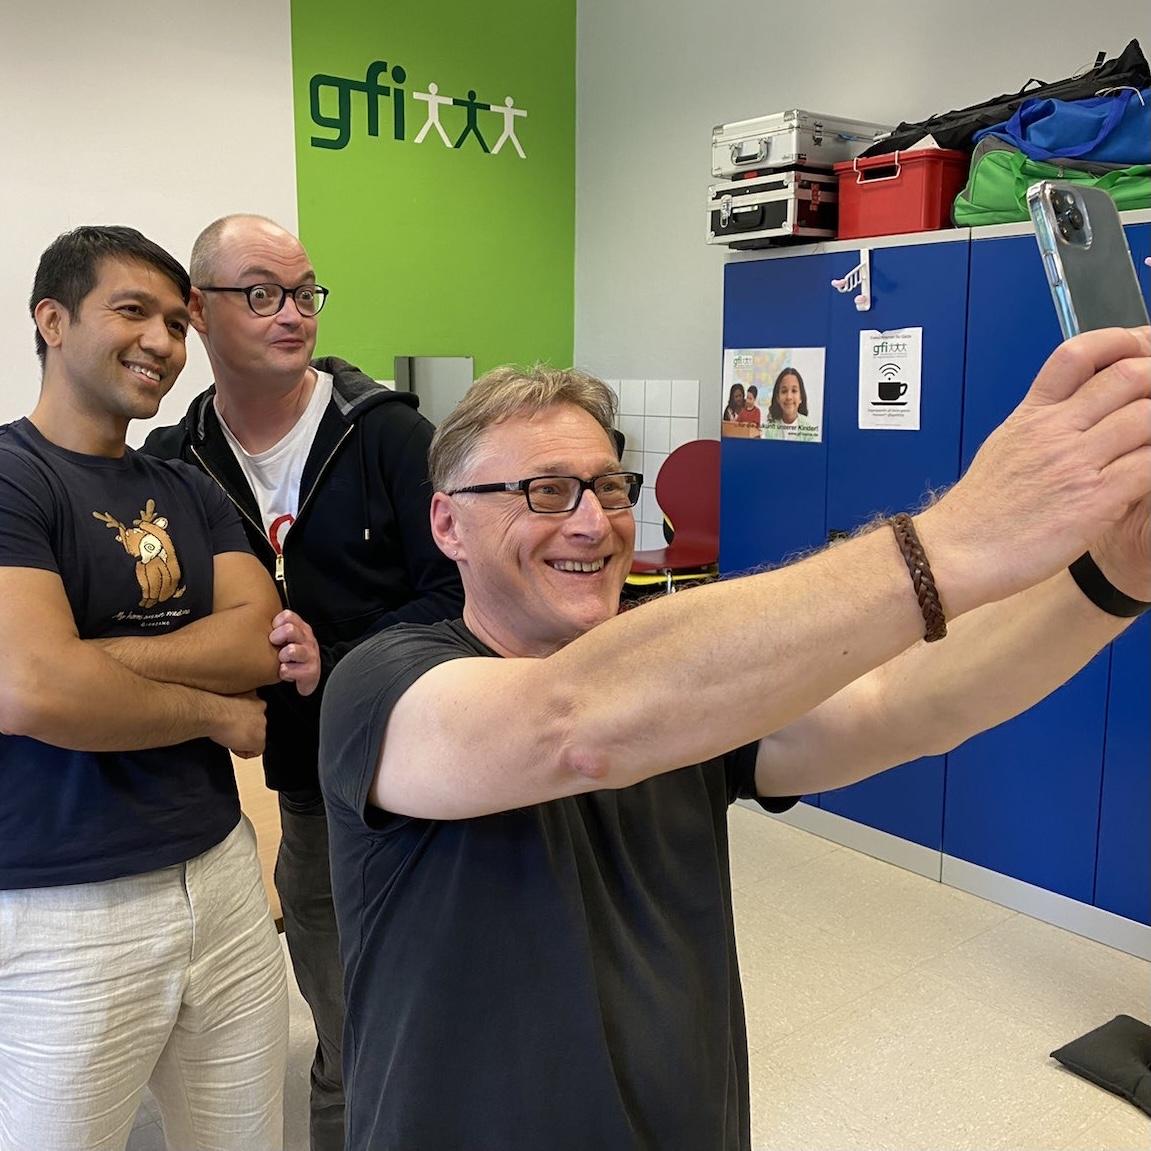 Selfie bei der gfi Herne